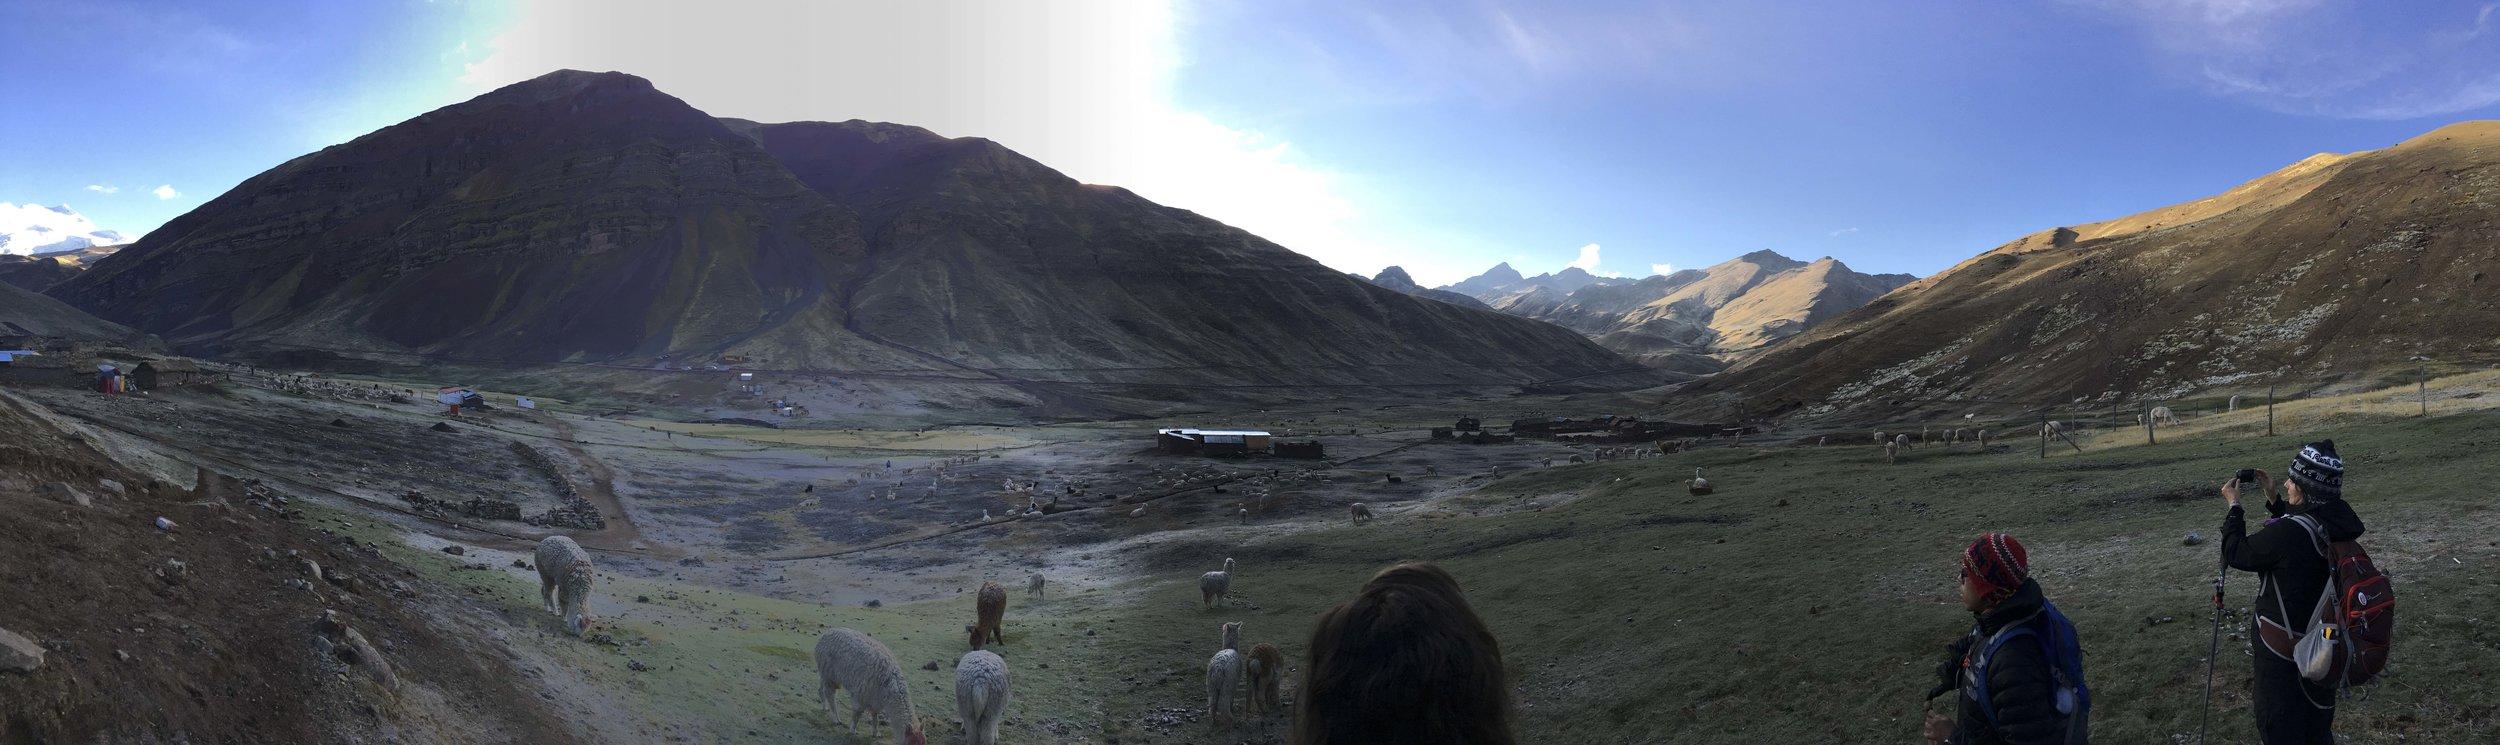 Cusco & Rainbow Mountain10.jpg